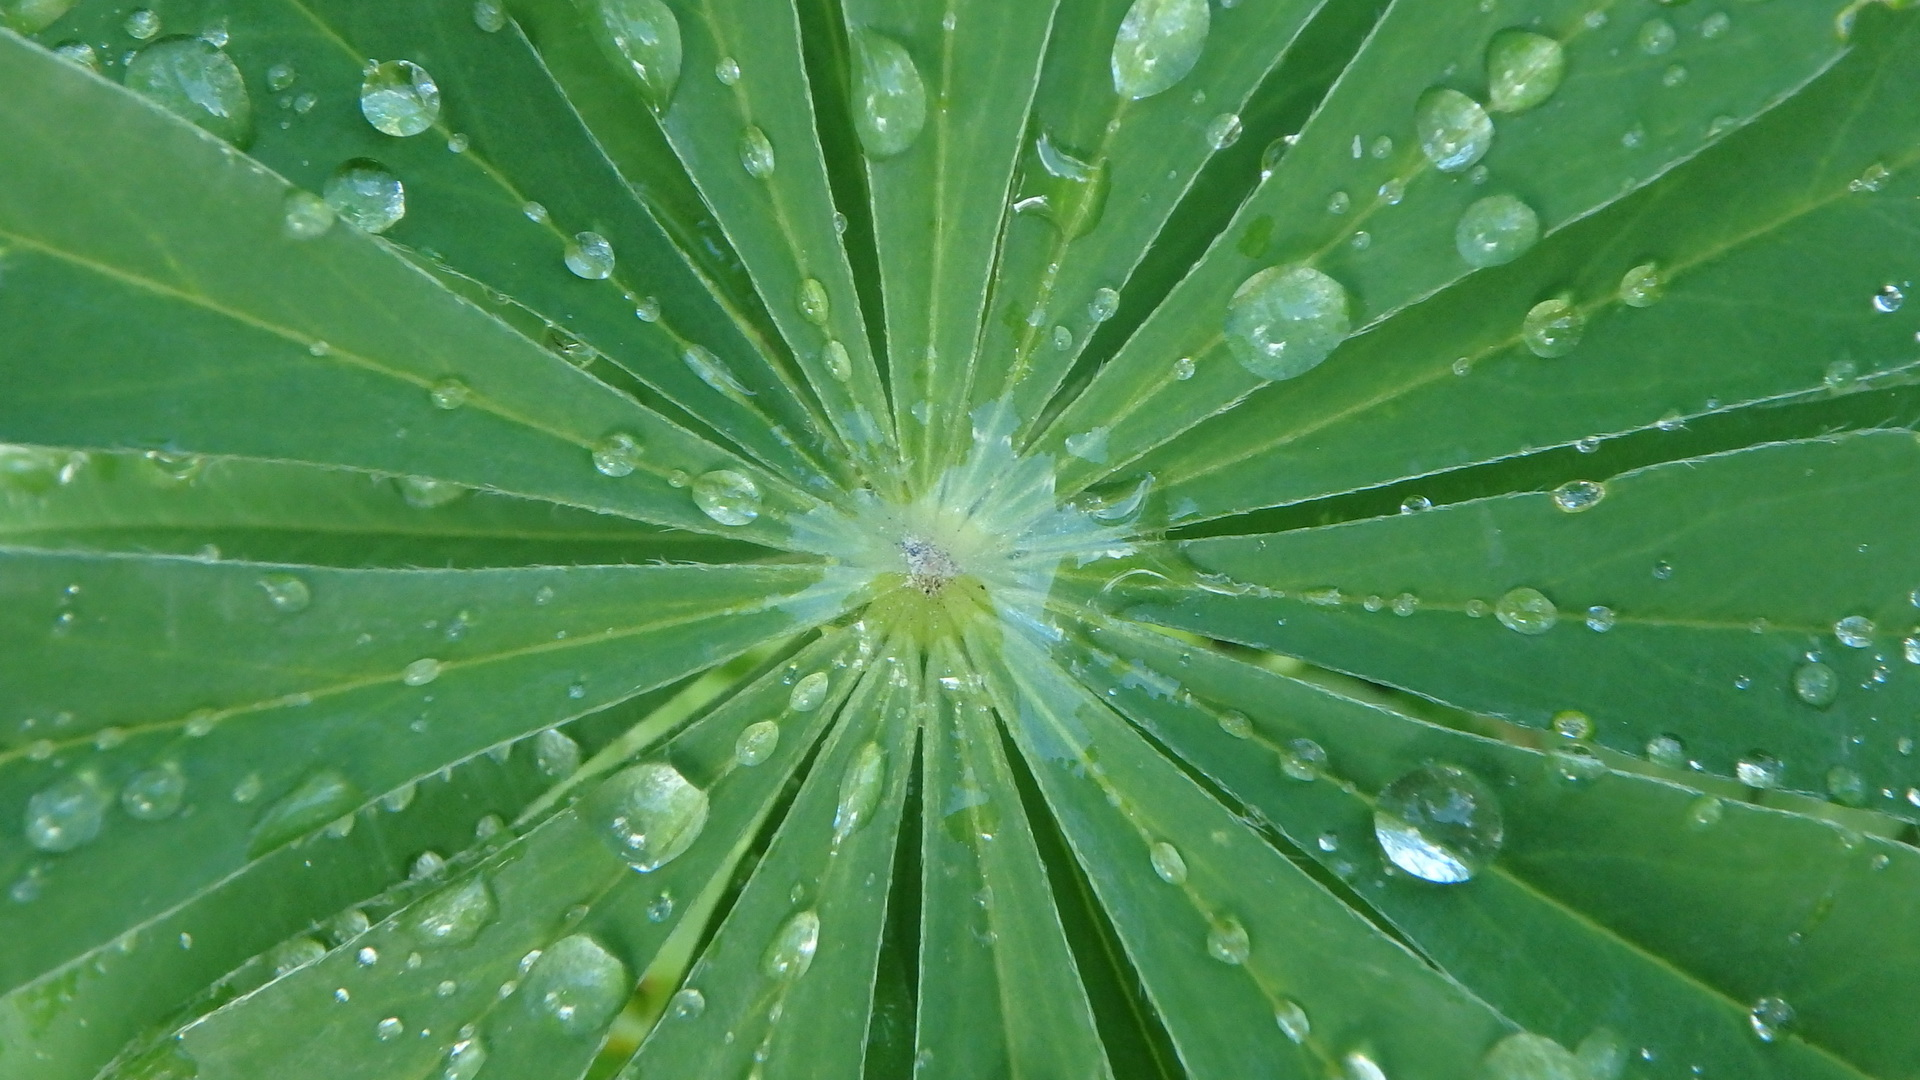 Blatt einer Lupine mit Wassertropfen